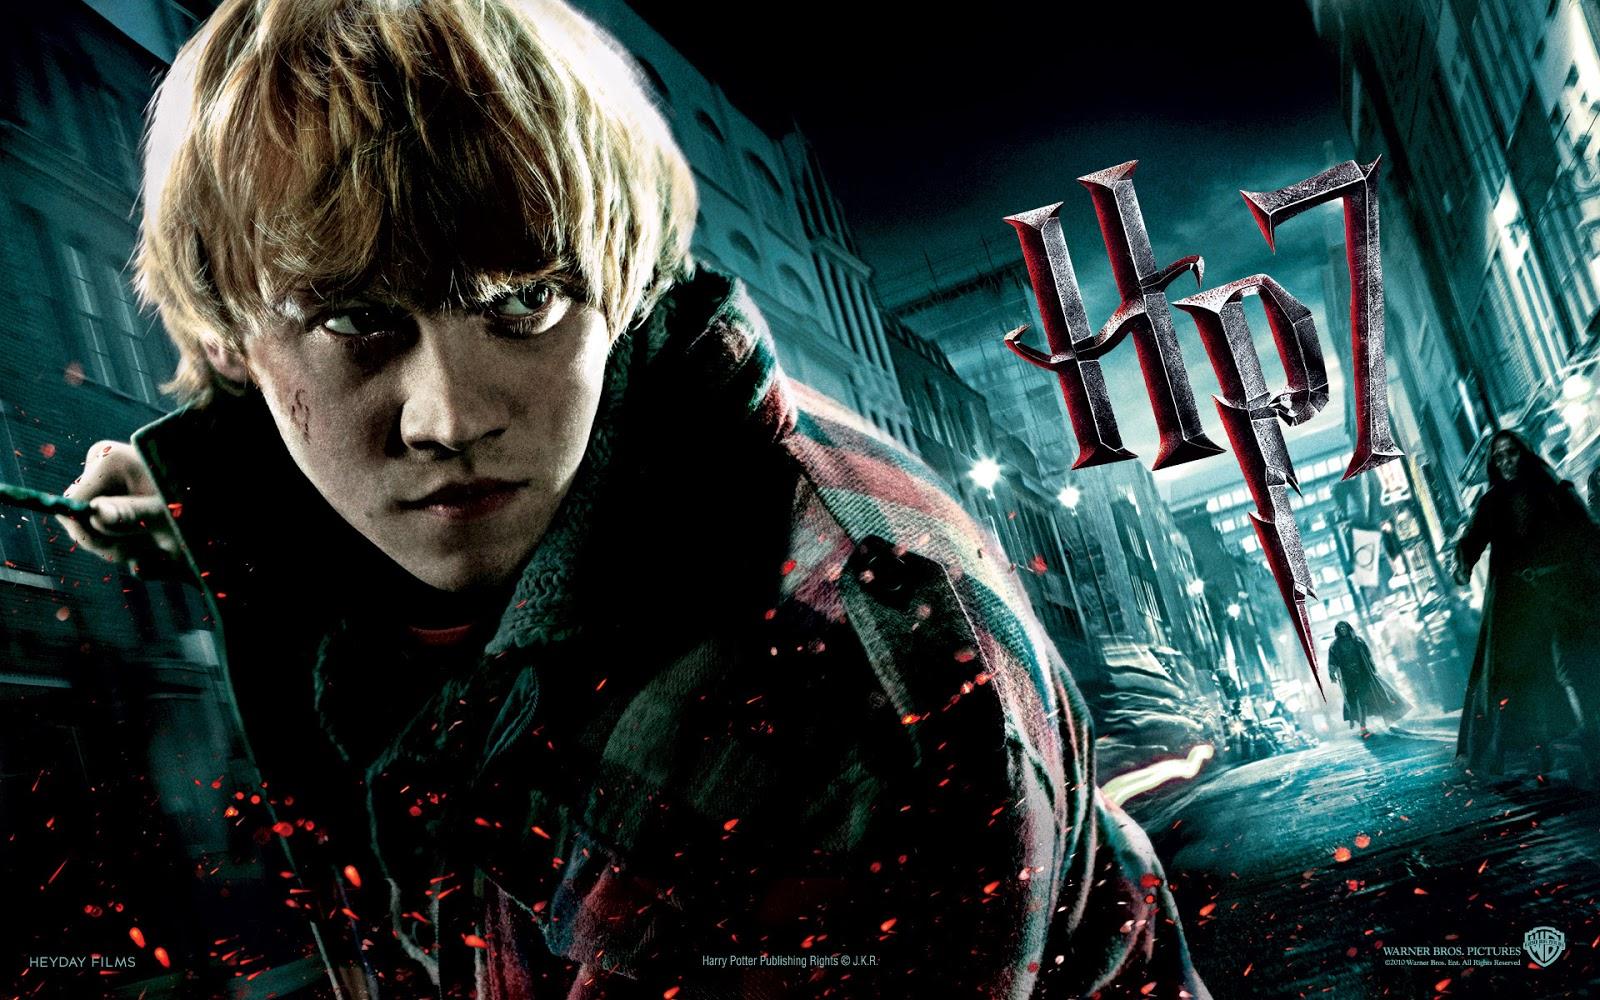 Harry Potter Movie Wallpapers HD Stills